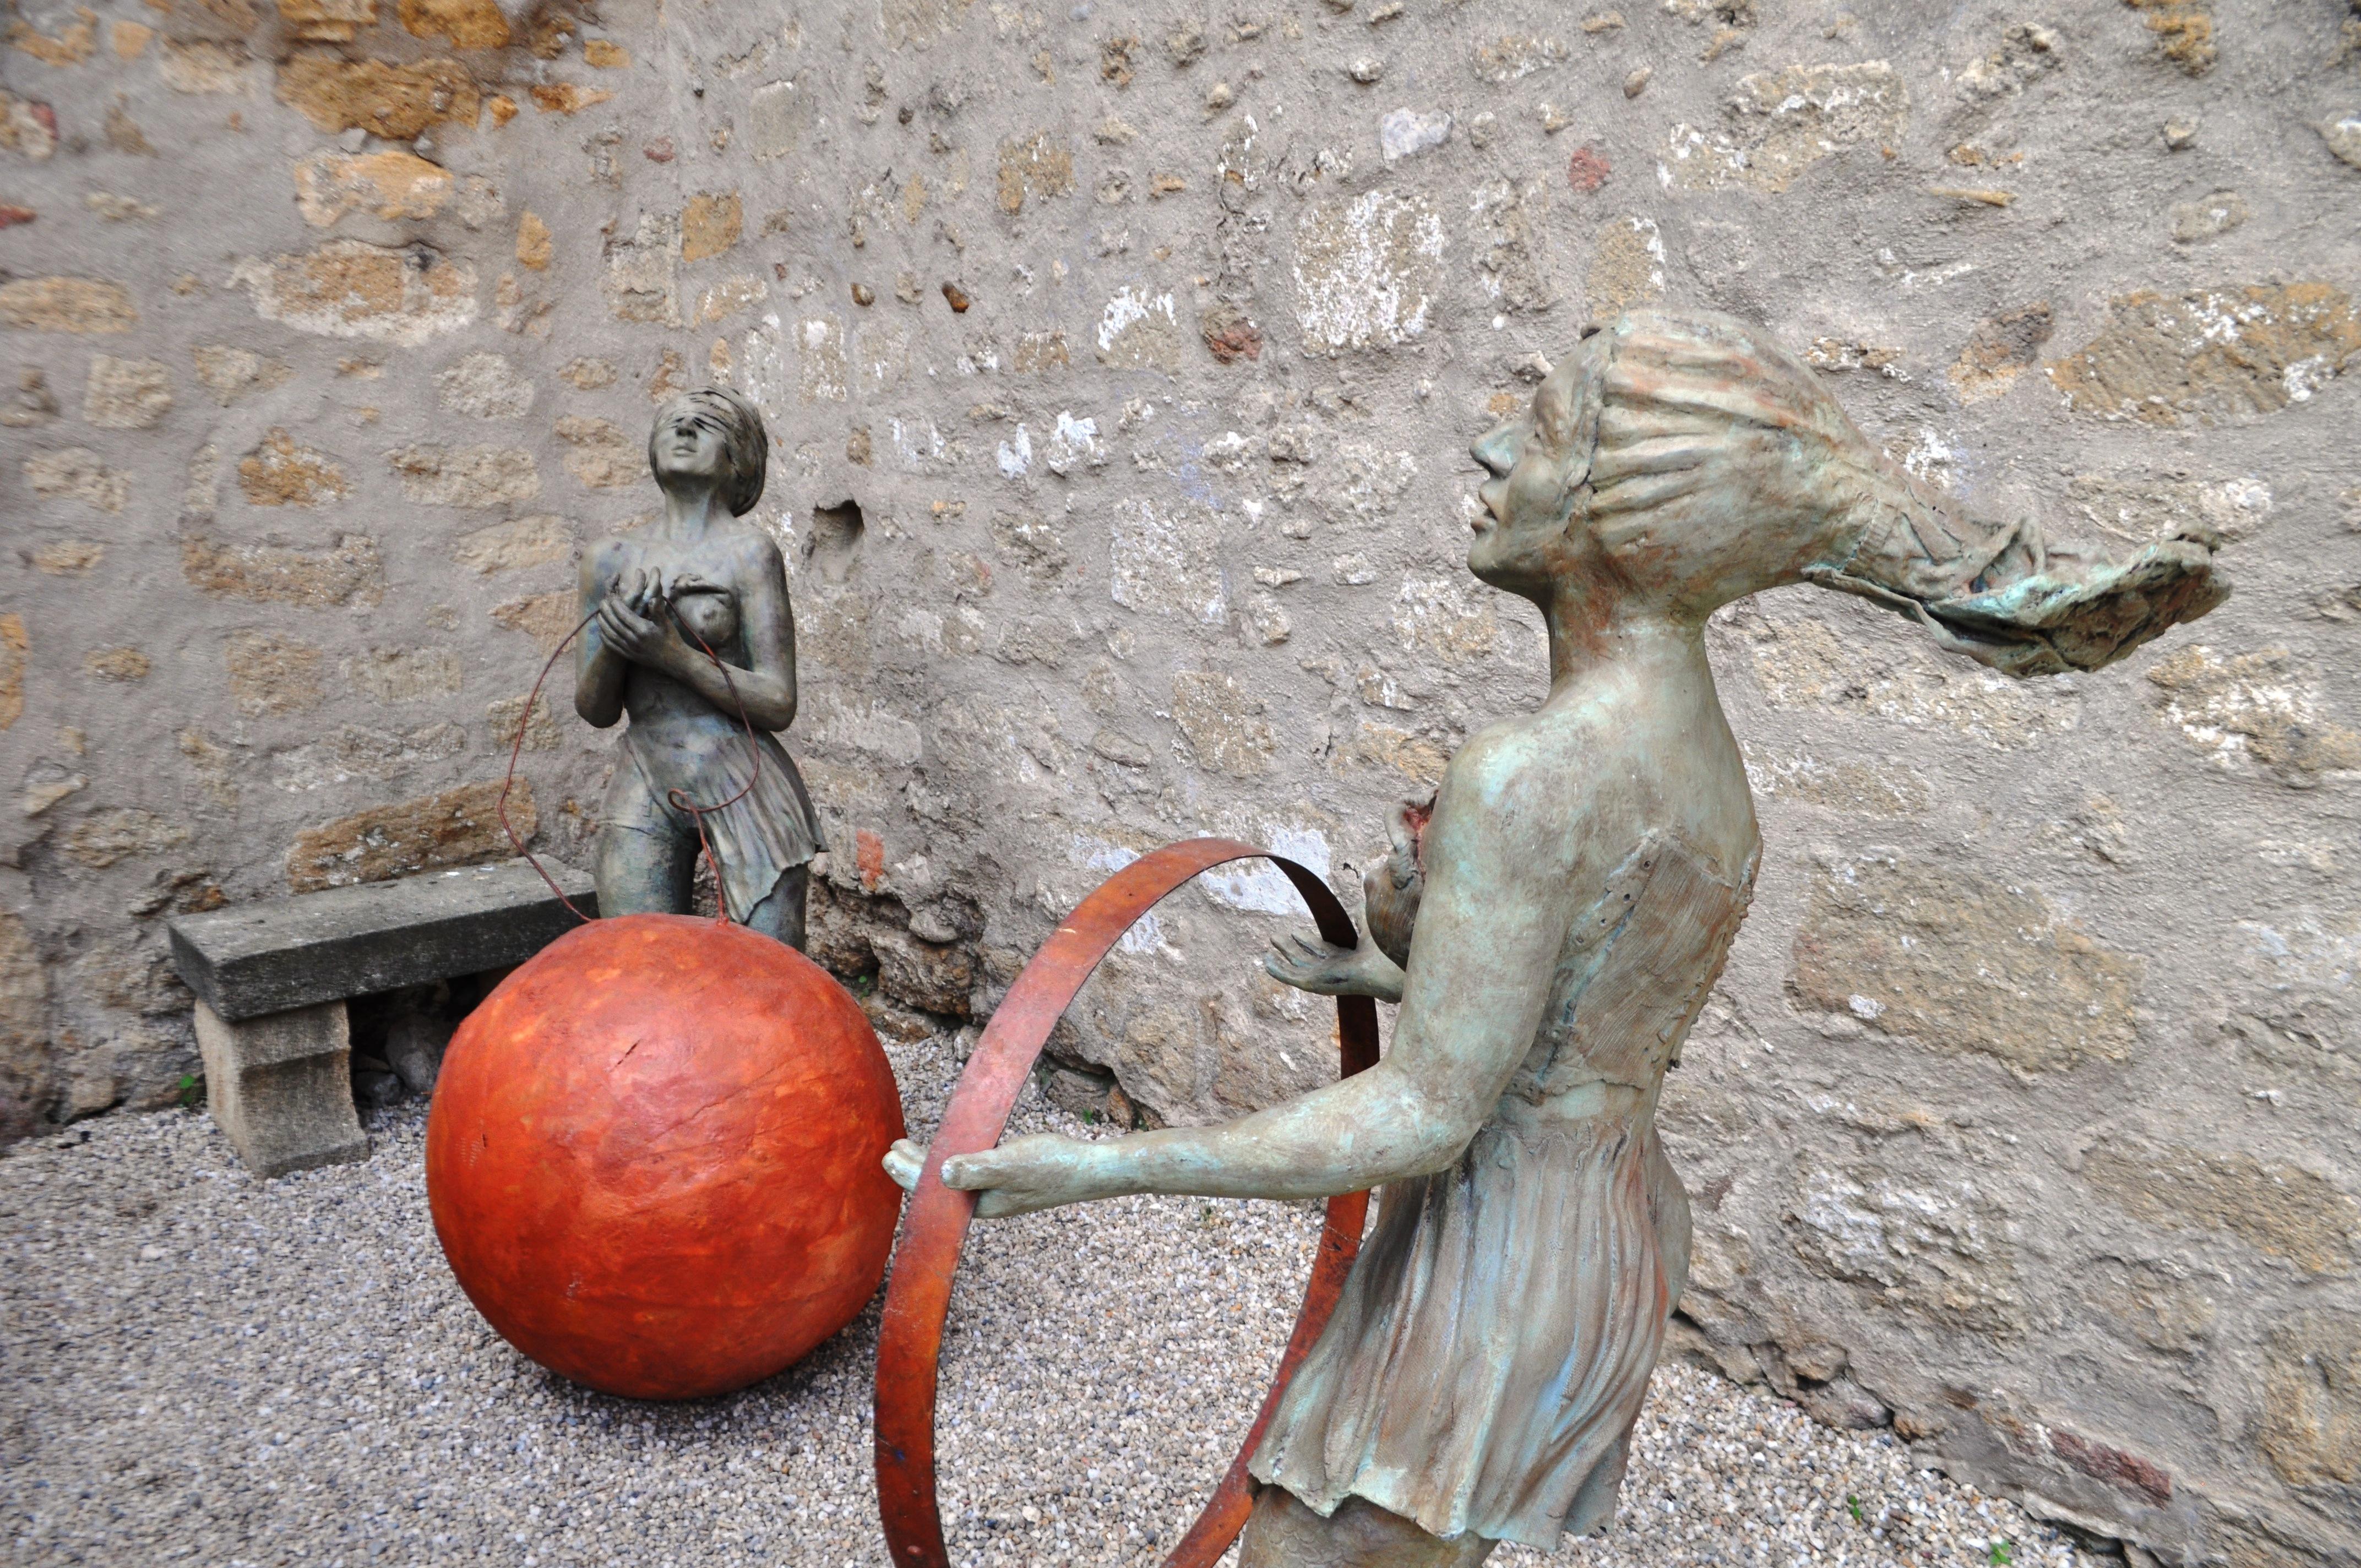 Whimsical Sculpture at Chateau de l'Emperi in Salon-de-Provence, France, Sept. 2013